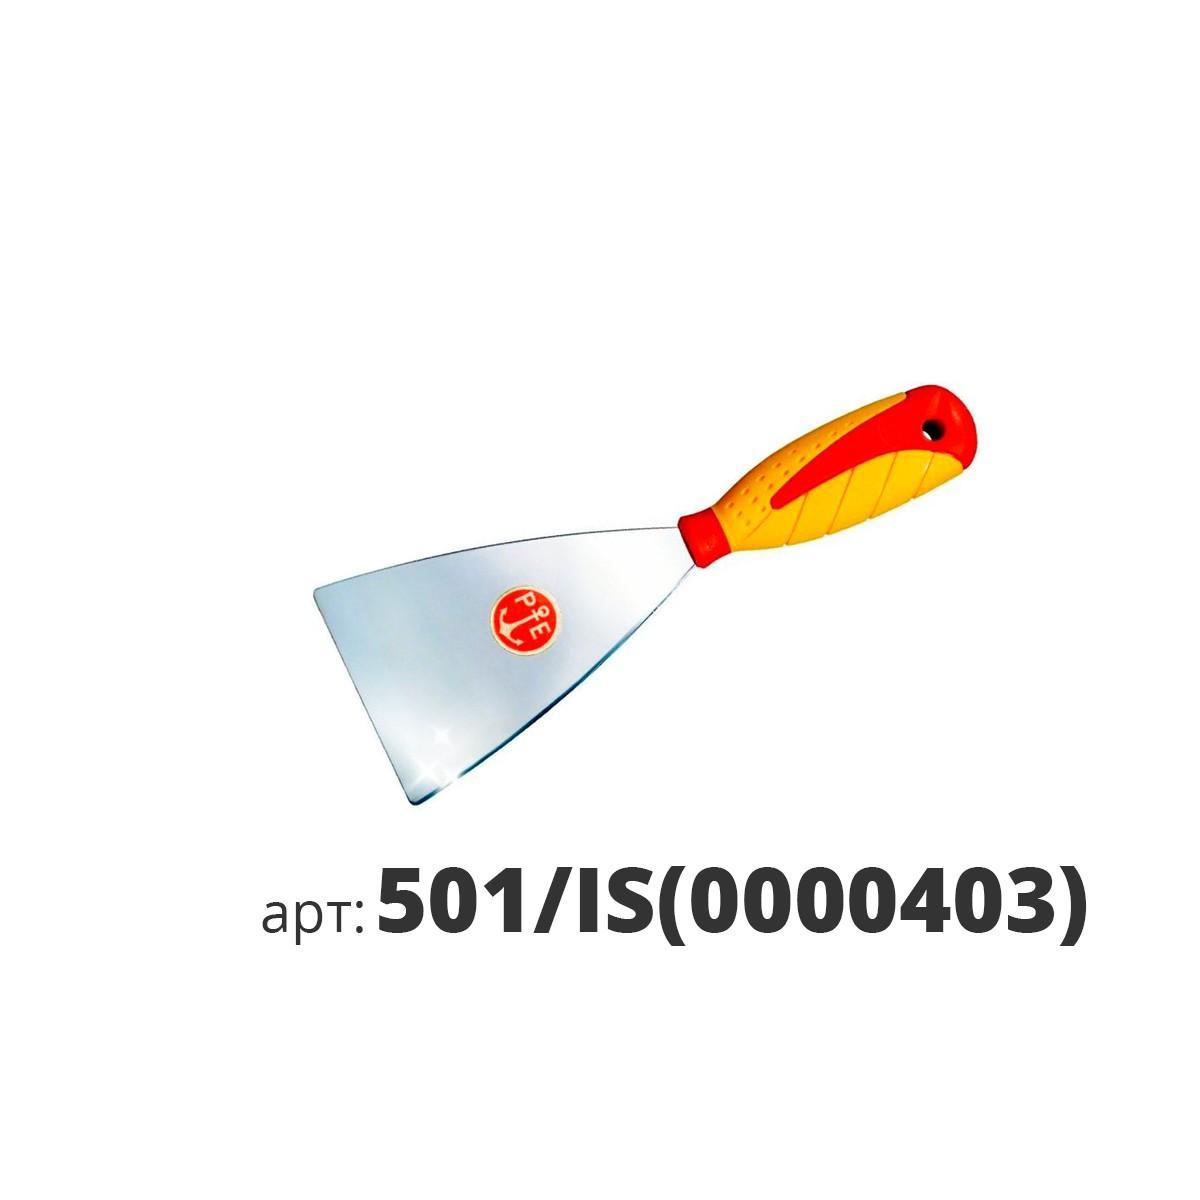 PAVAN шпатель венецианский из нержавеющей стали 501/IS(0000403)